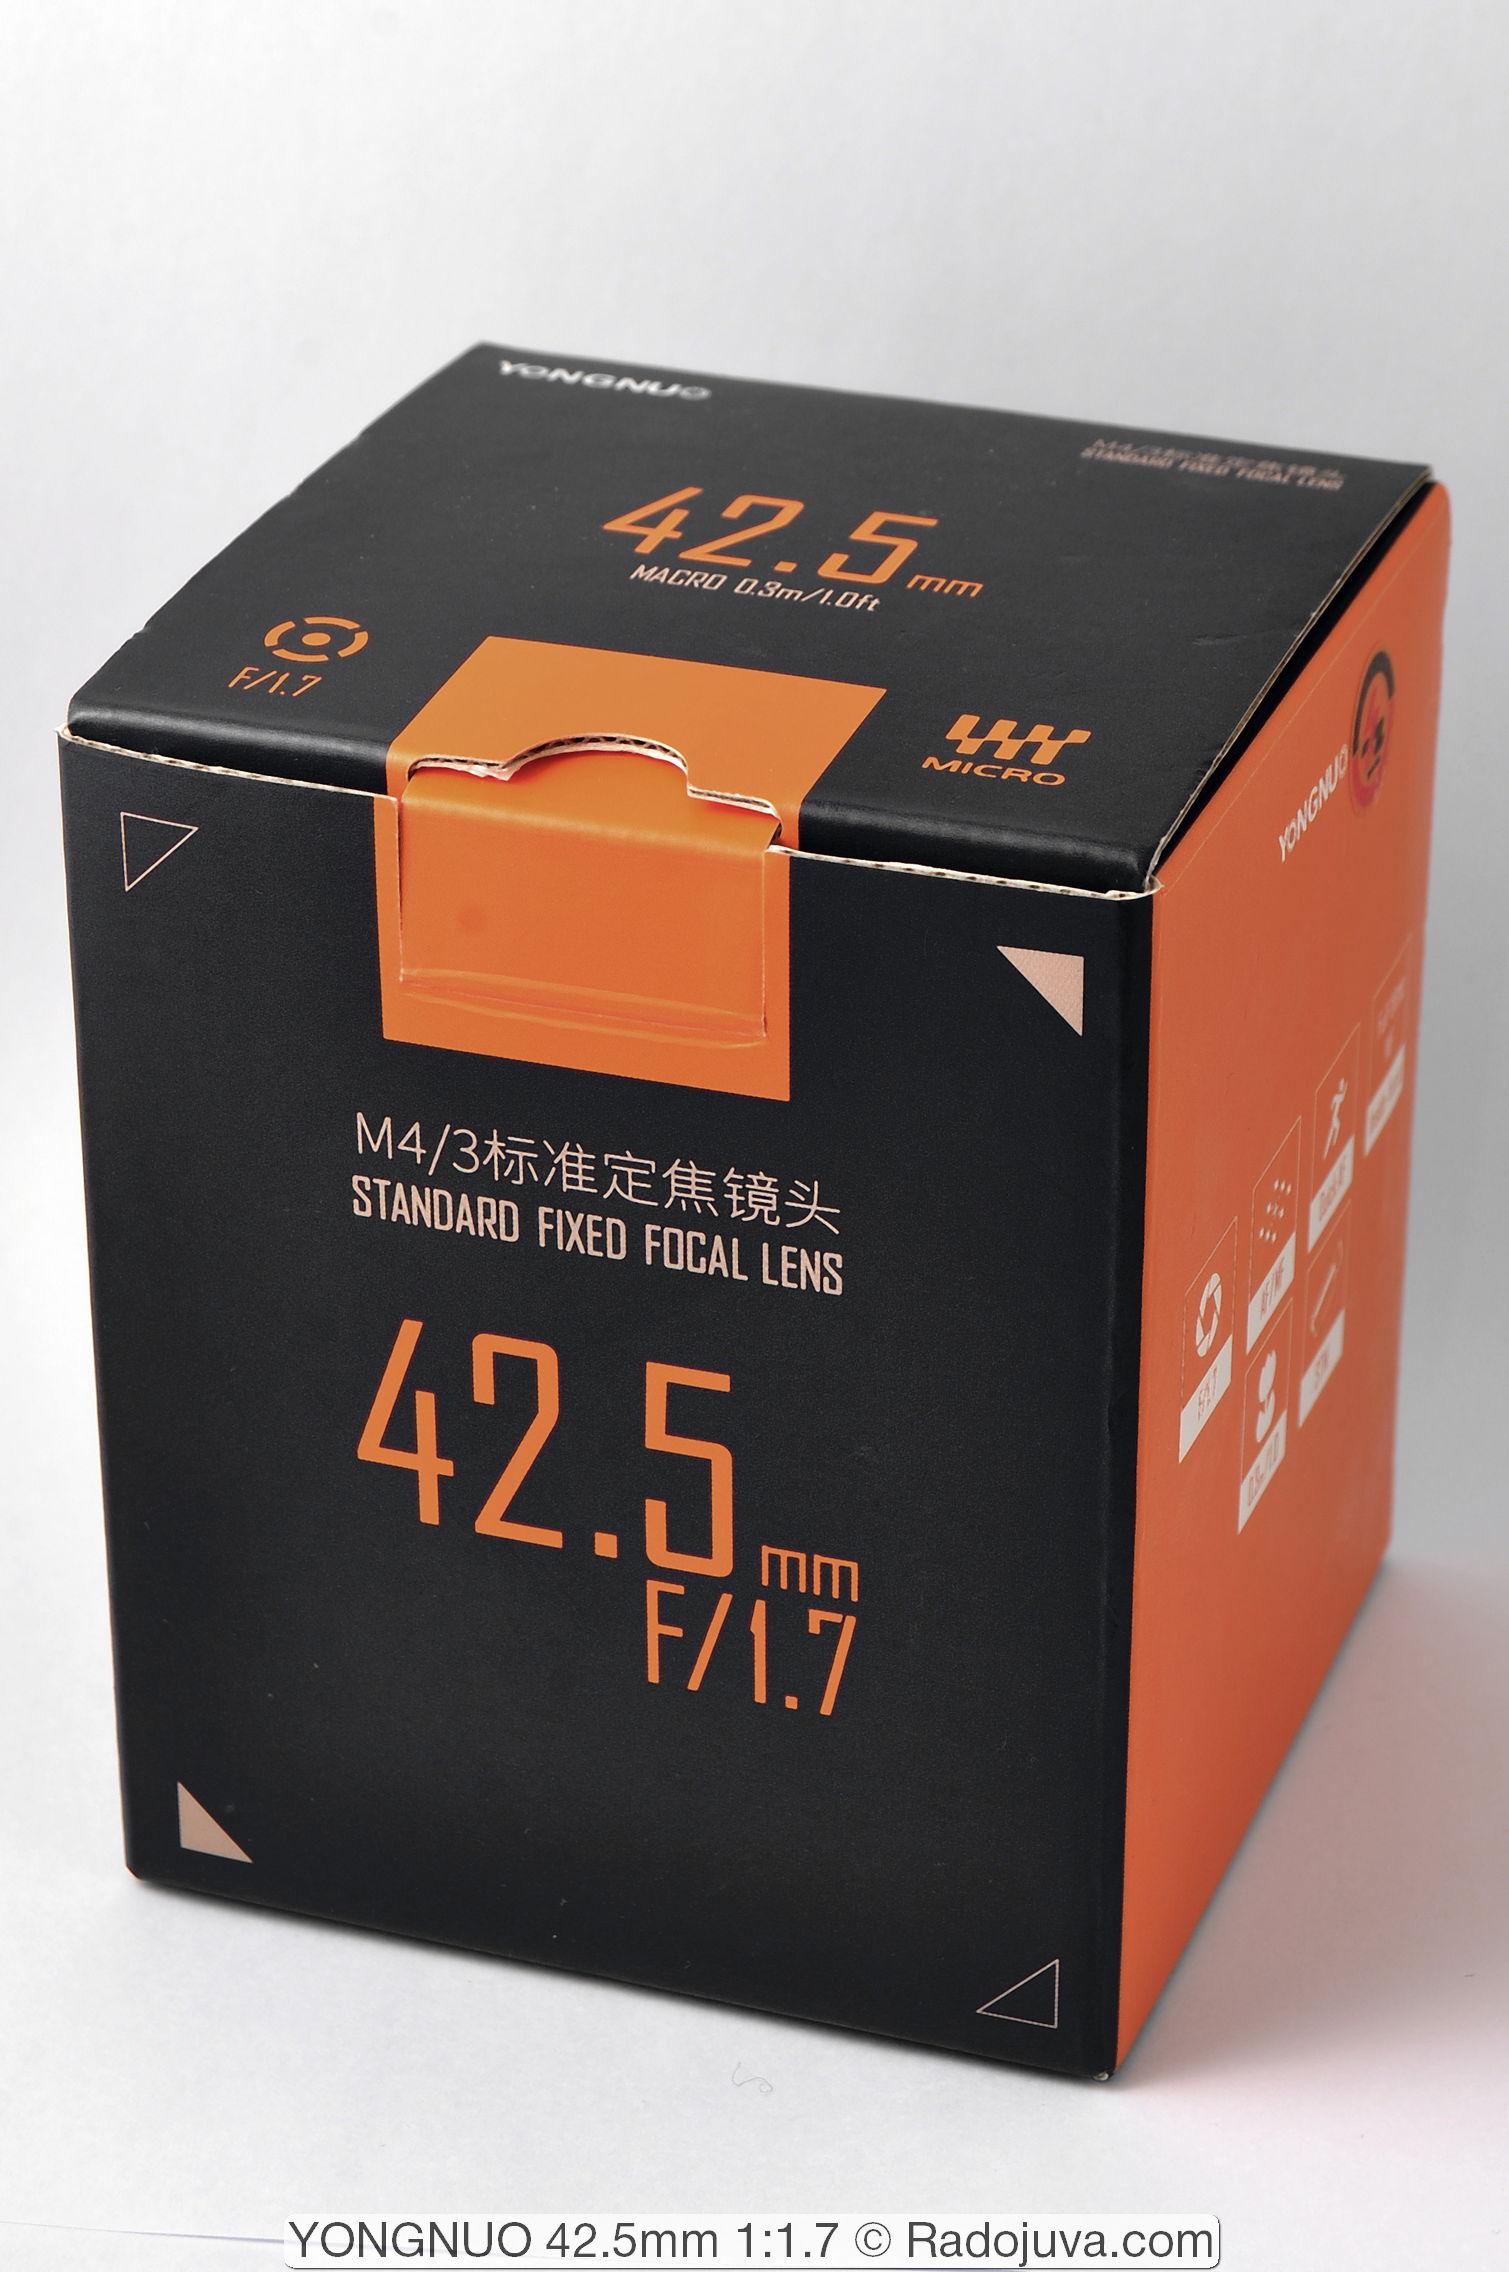 YONGNUO 42.5mm 1:1.7